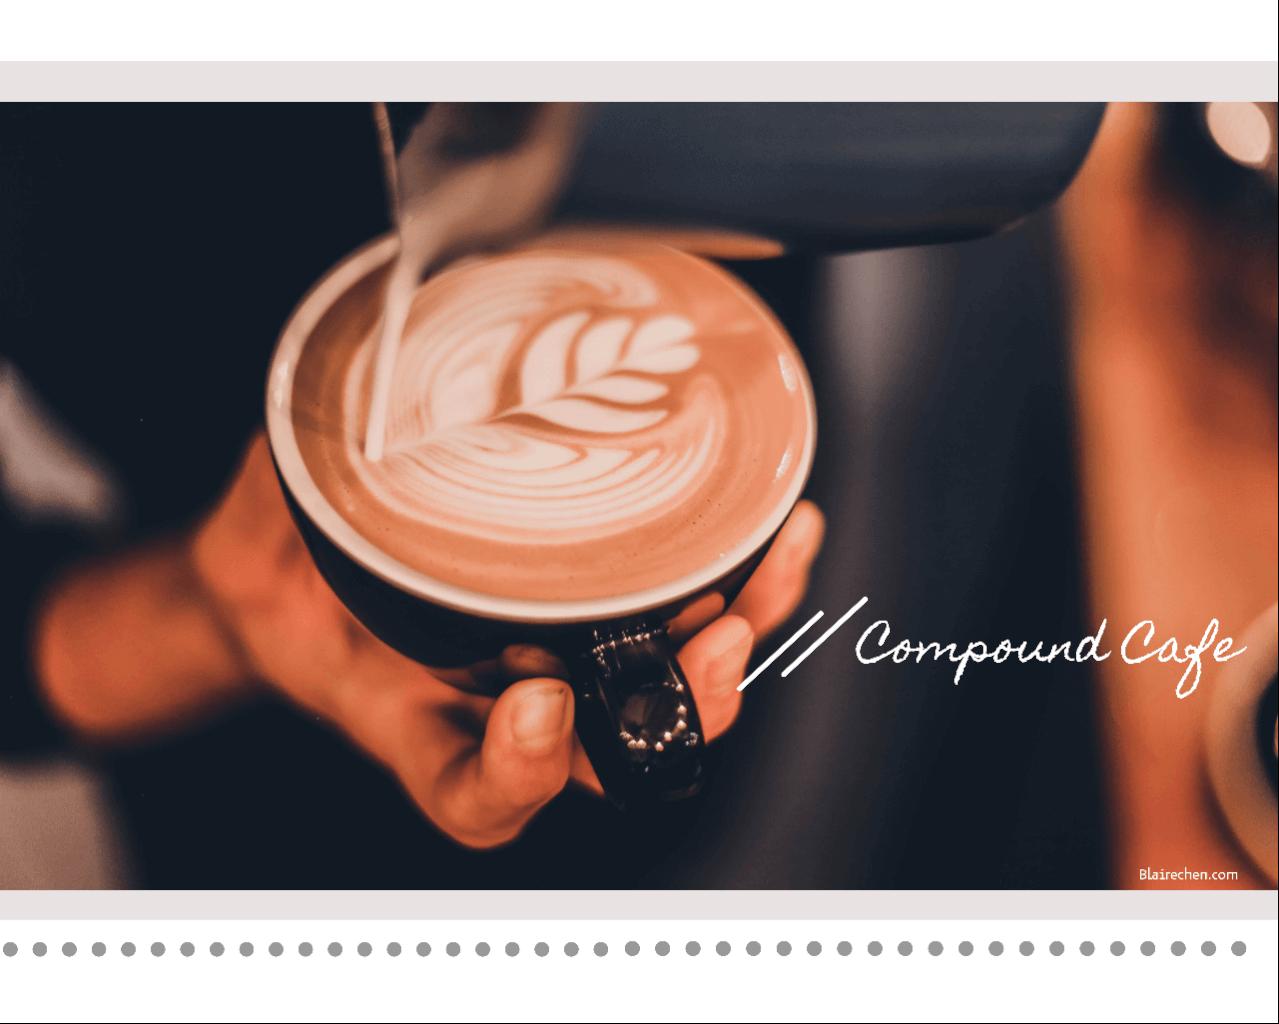 【全台複合式咖啡廳推薦】|在享受下午茶之餘,同時滿足想逛街的心情!完全打中女孩們的心!